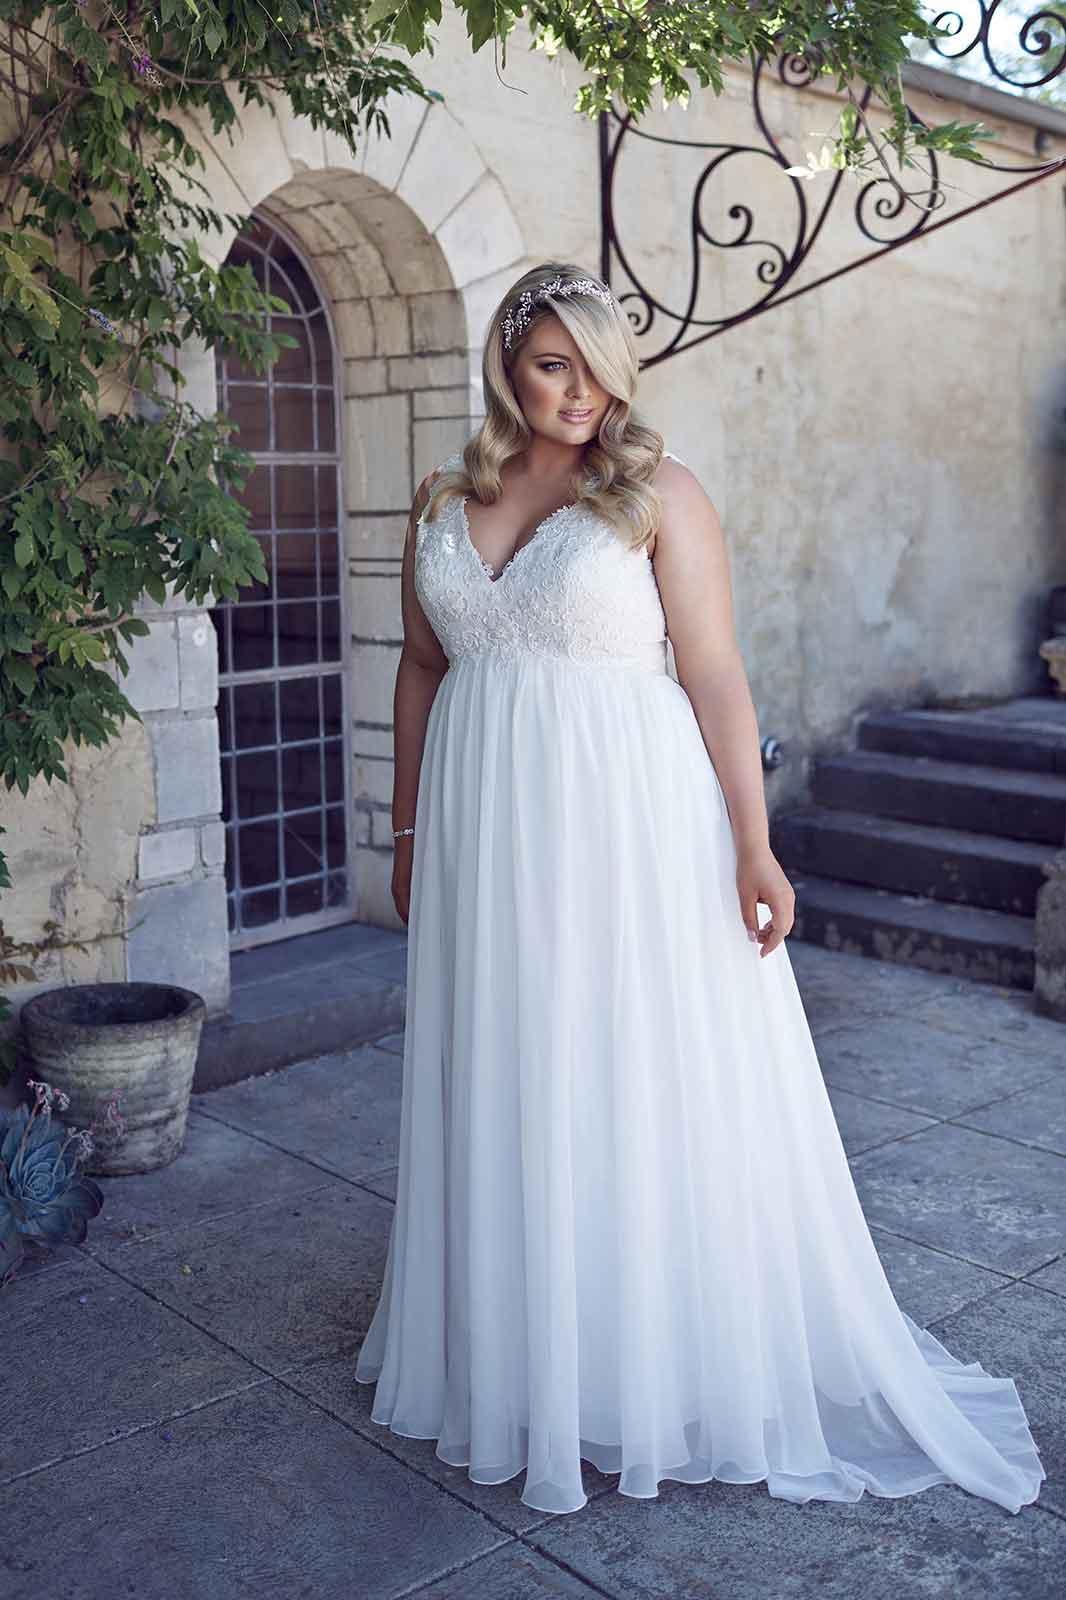 Bridal gowns Melbourne